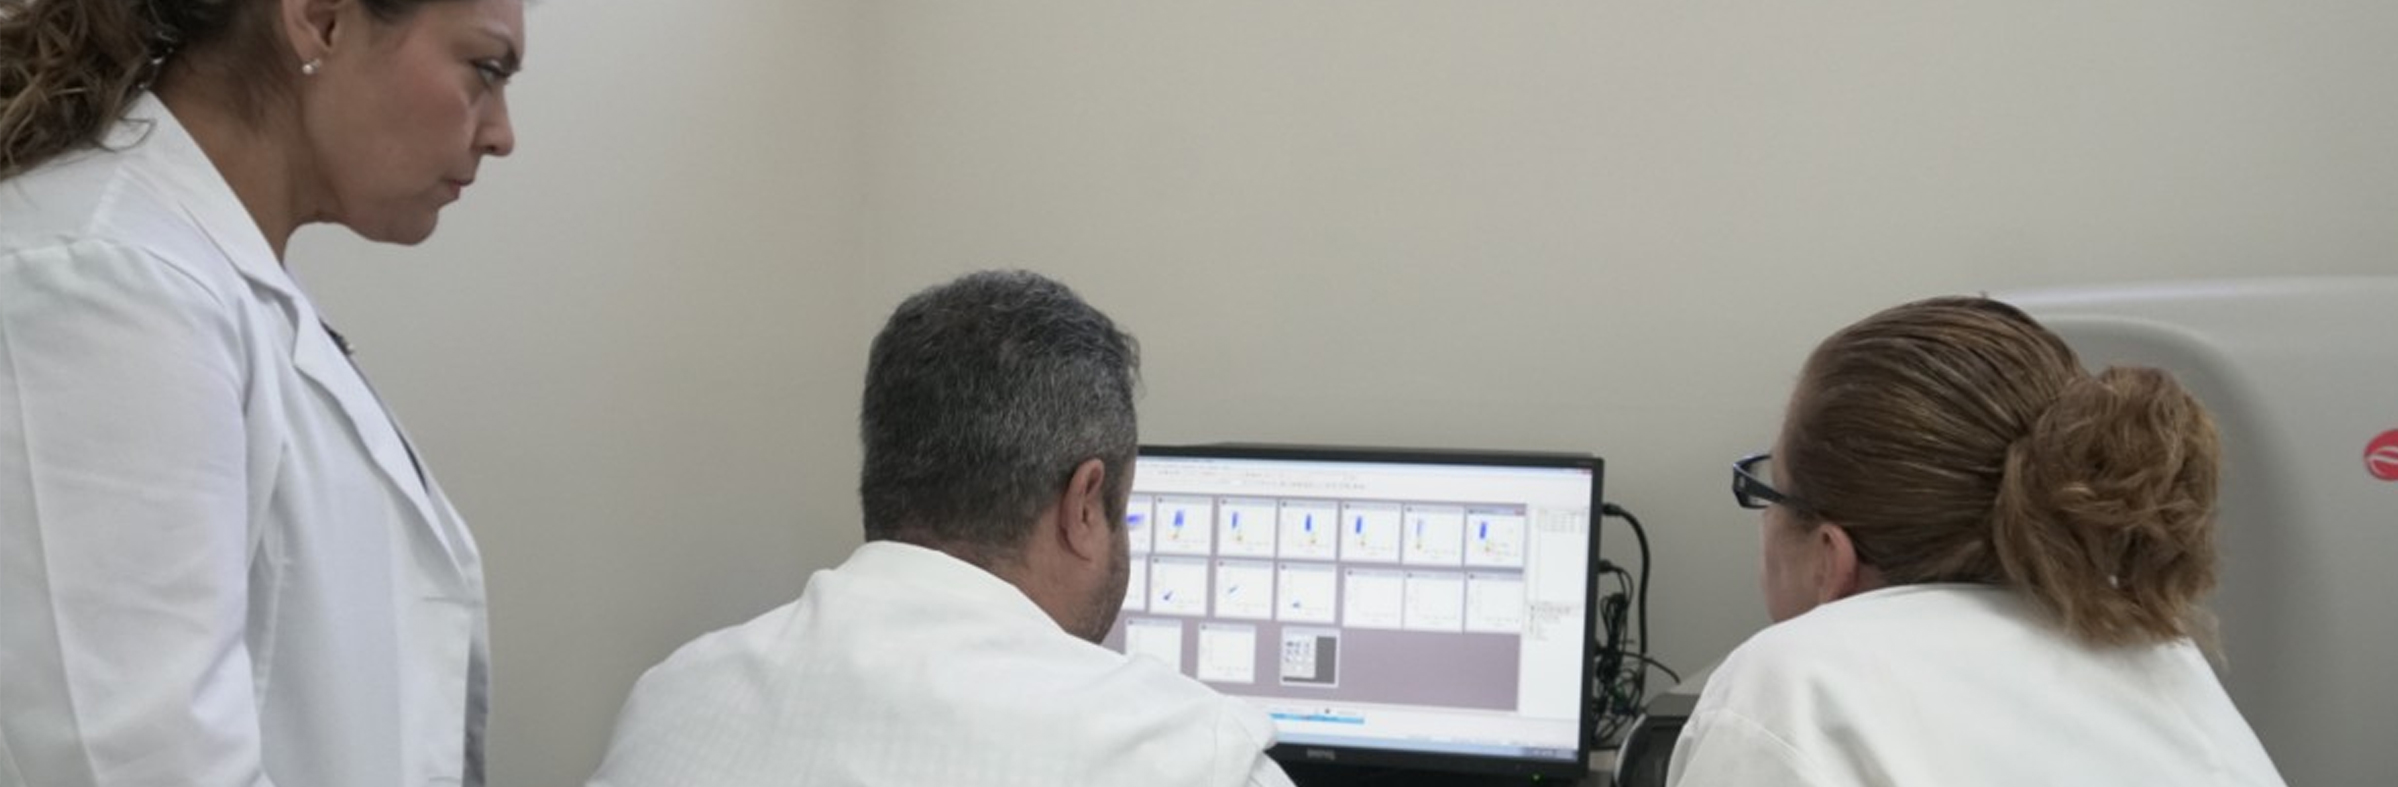 Citómetro de flujo: Equipo especializado para la detección de células leucémicas